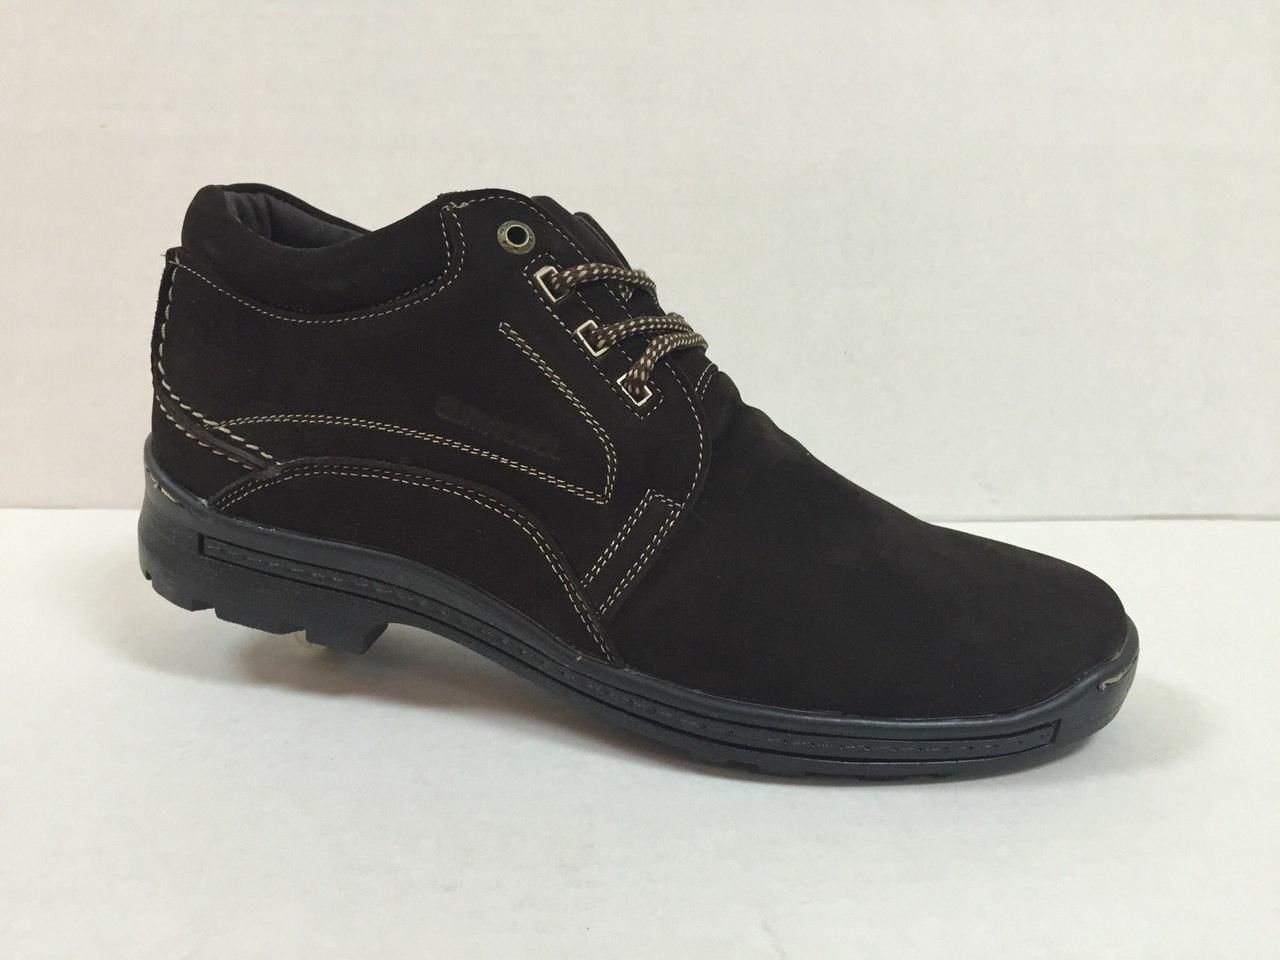 Сбор заказов. Распродажа мужской обуви с 39 по 45 р.-3. Только натуральные материалы!Зима 1500, осень 1000 и 1200!